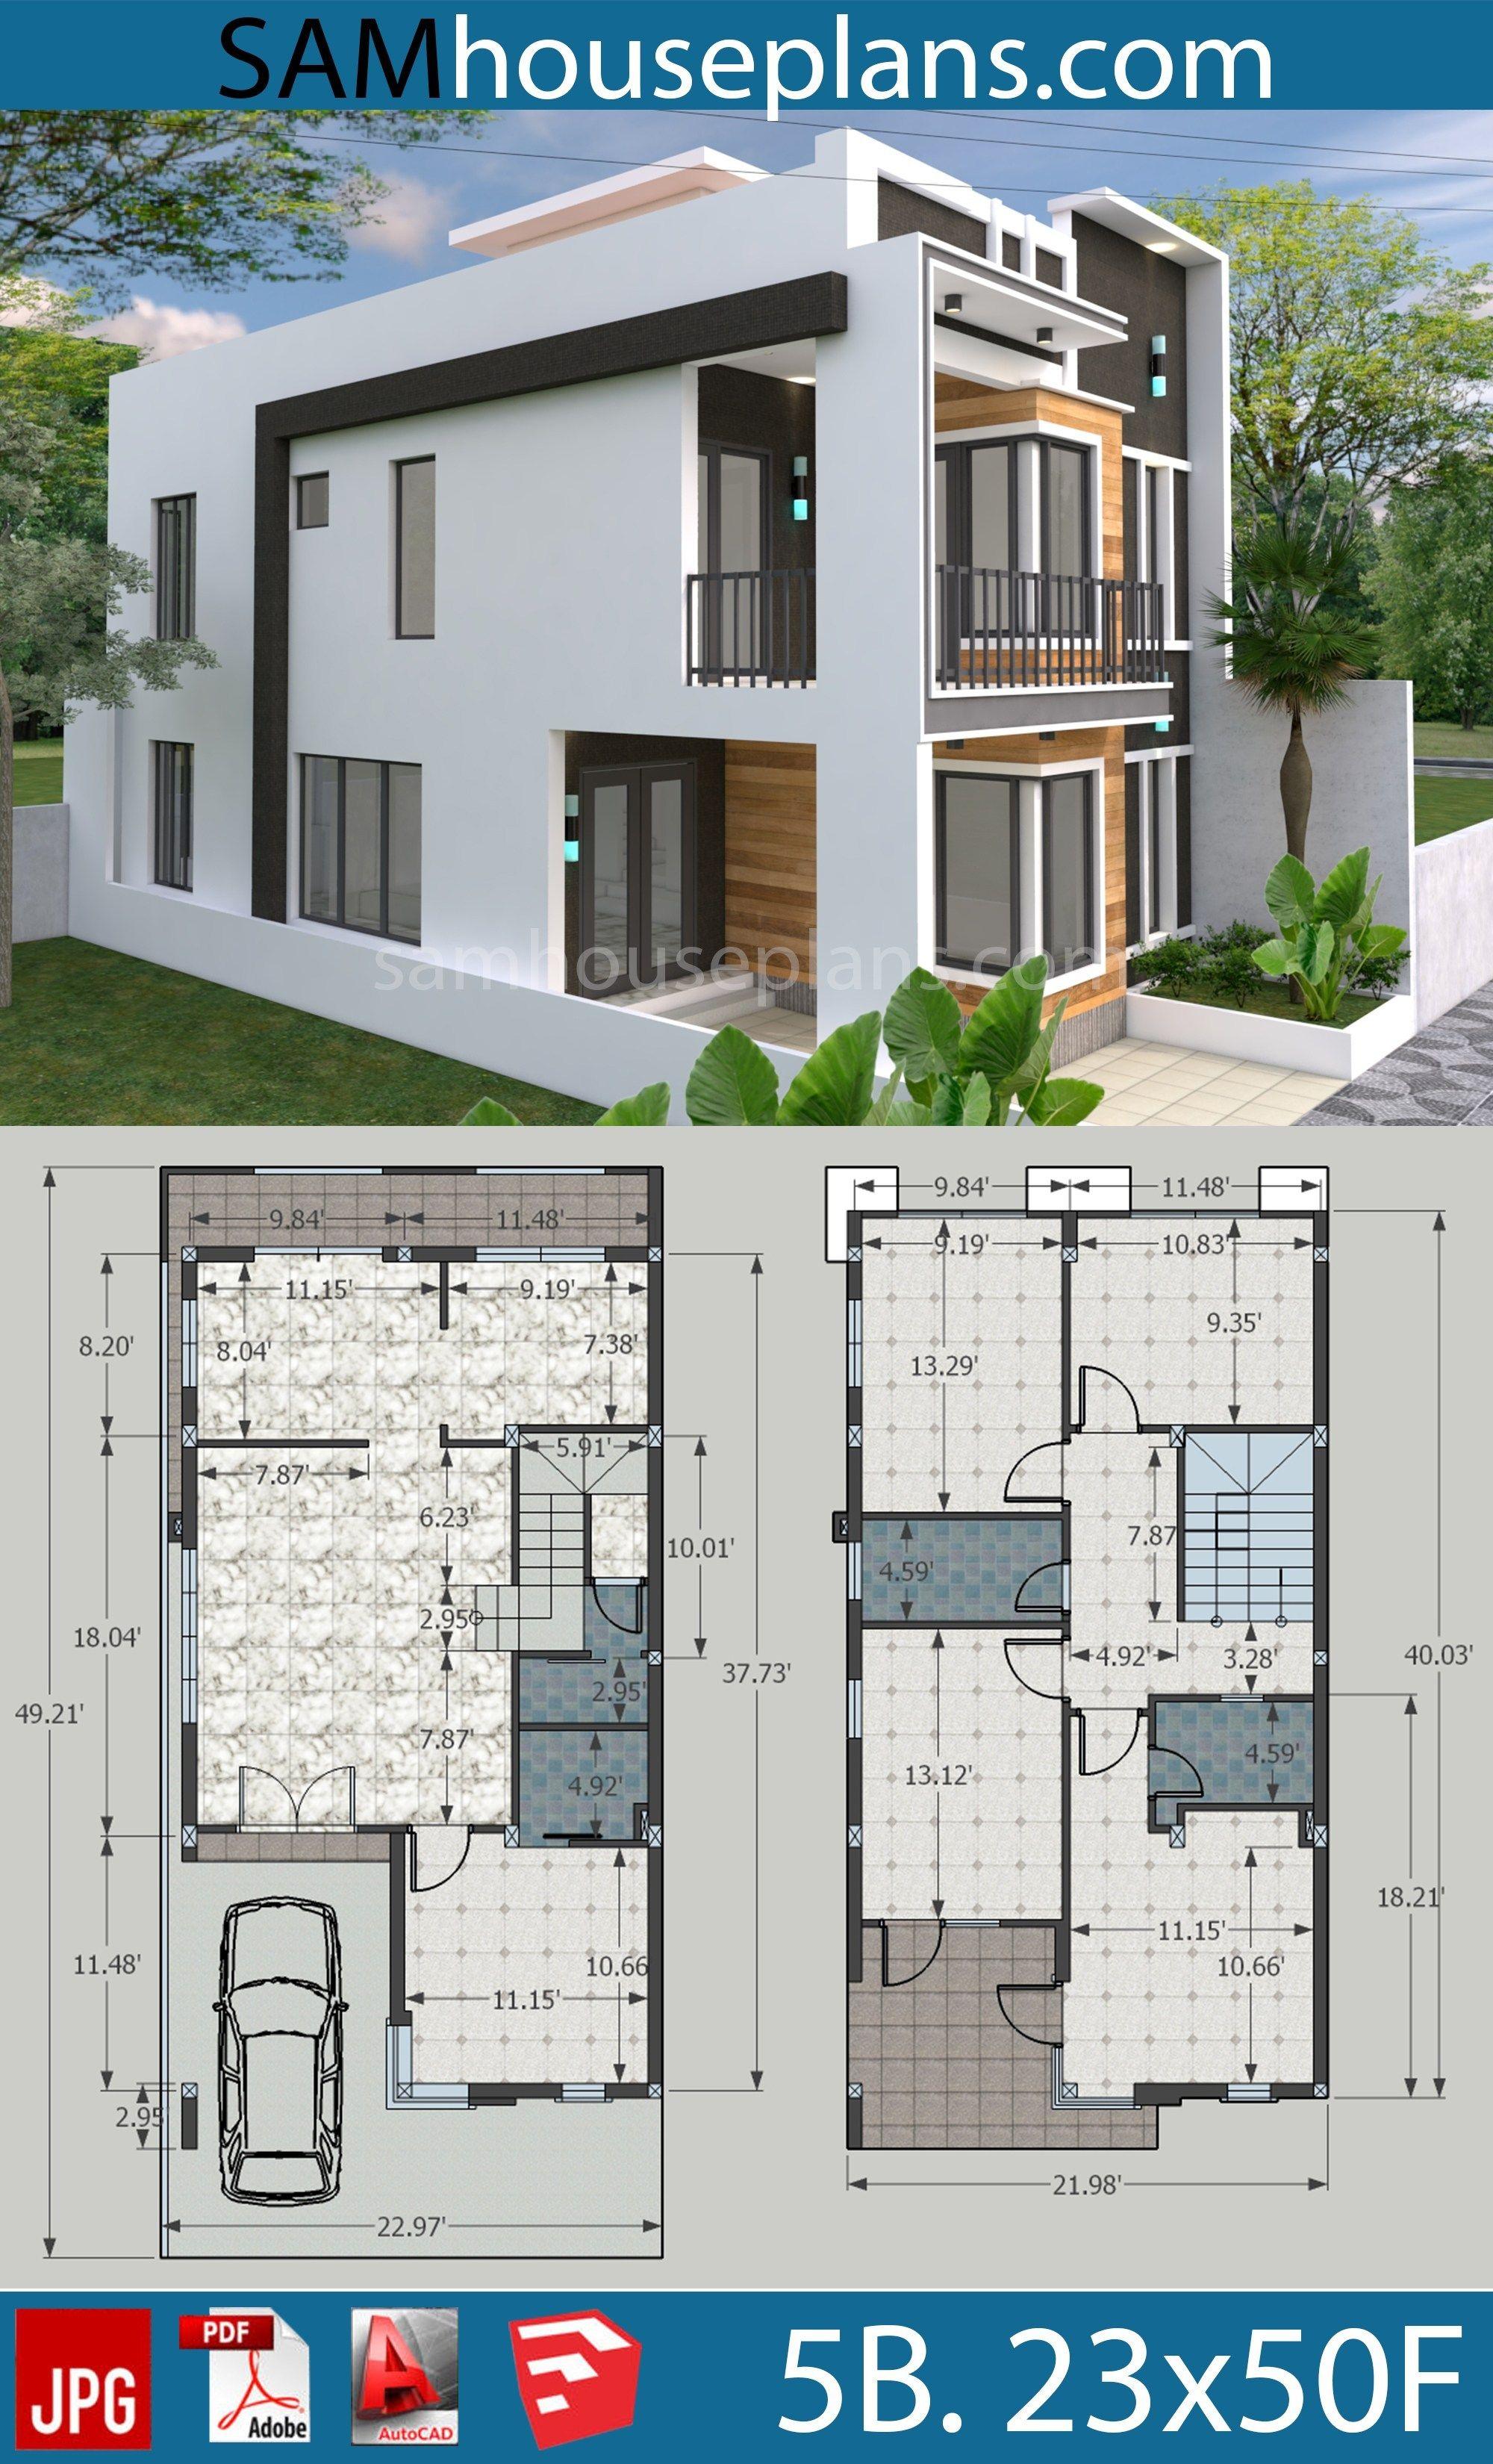 House Plans 7x15m With 4 Bedrooms Planos De Casas En 2019 Planos De Casas Casas De Dos Pisos Y Planos De Casas Pequenas